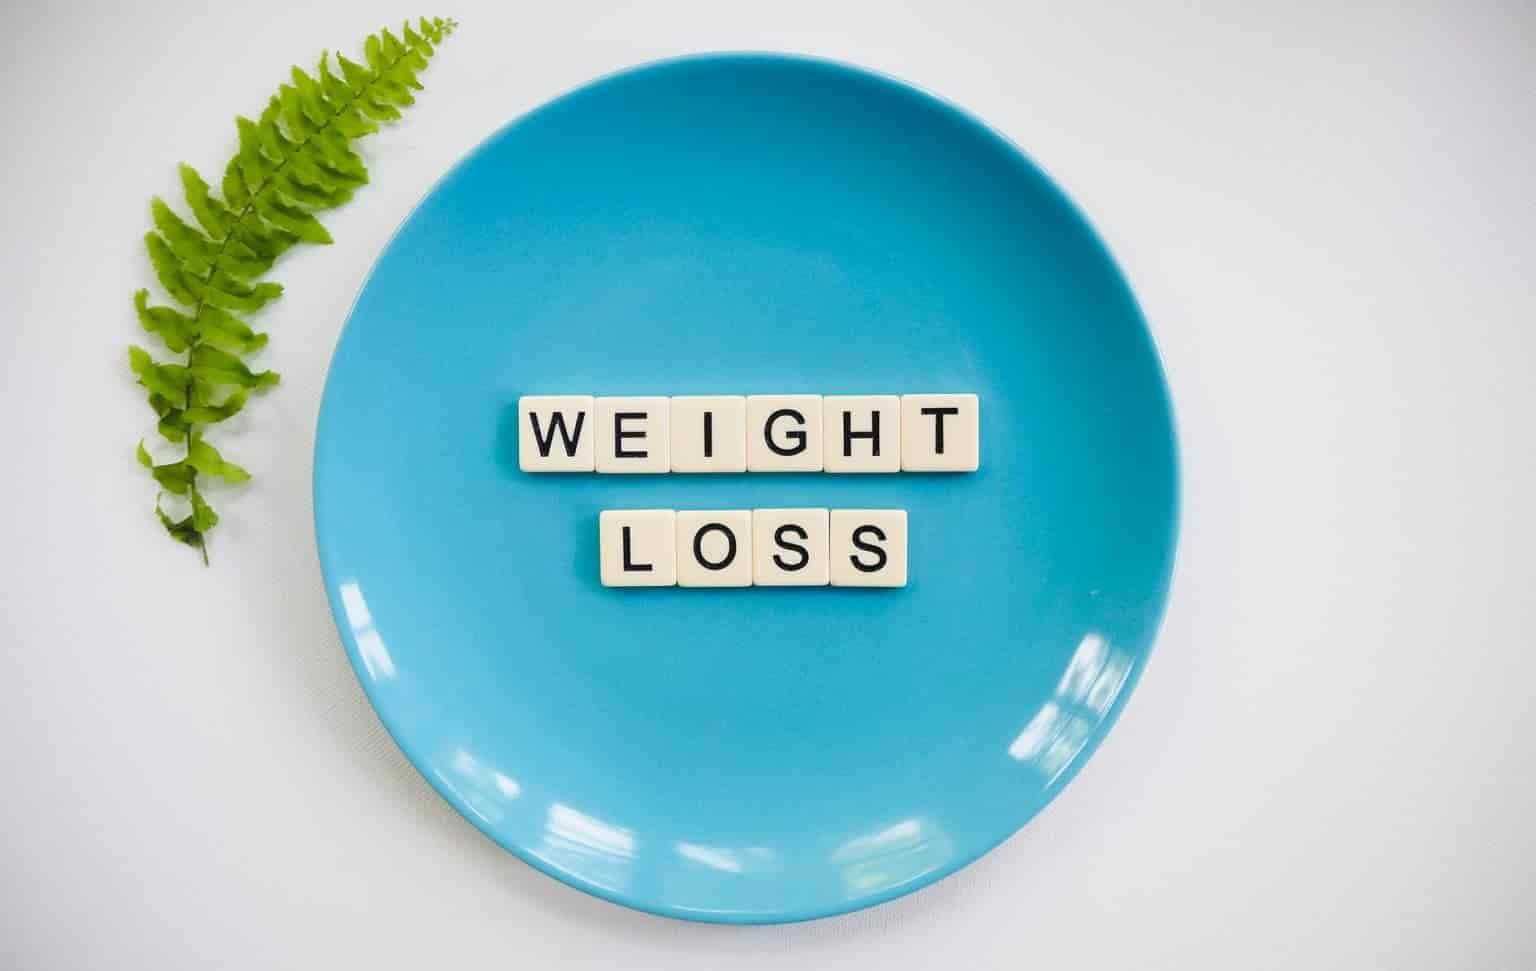 मोटापा कम करने के लिए सम्पूर्ण डाइट प्लान